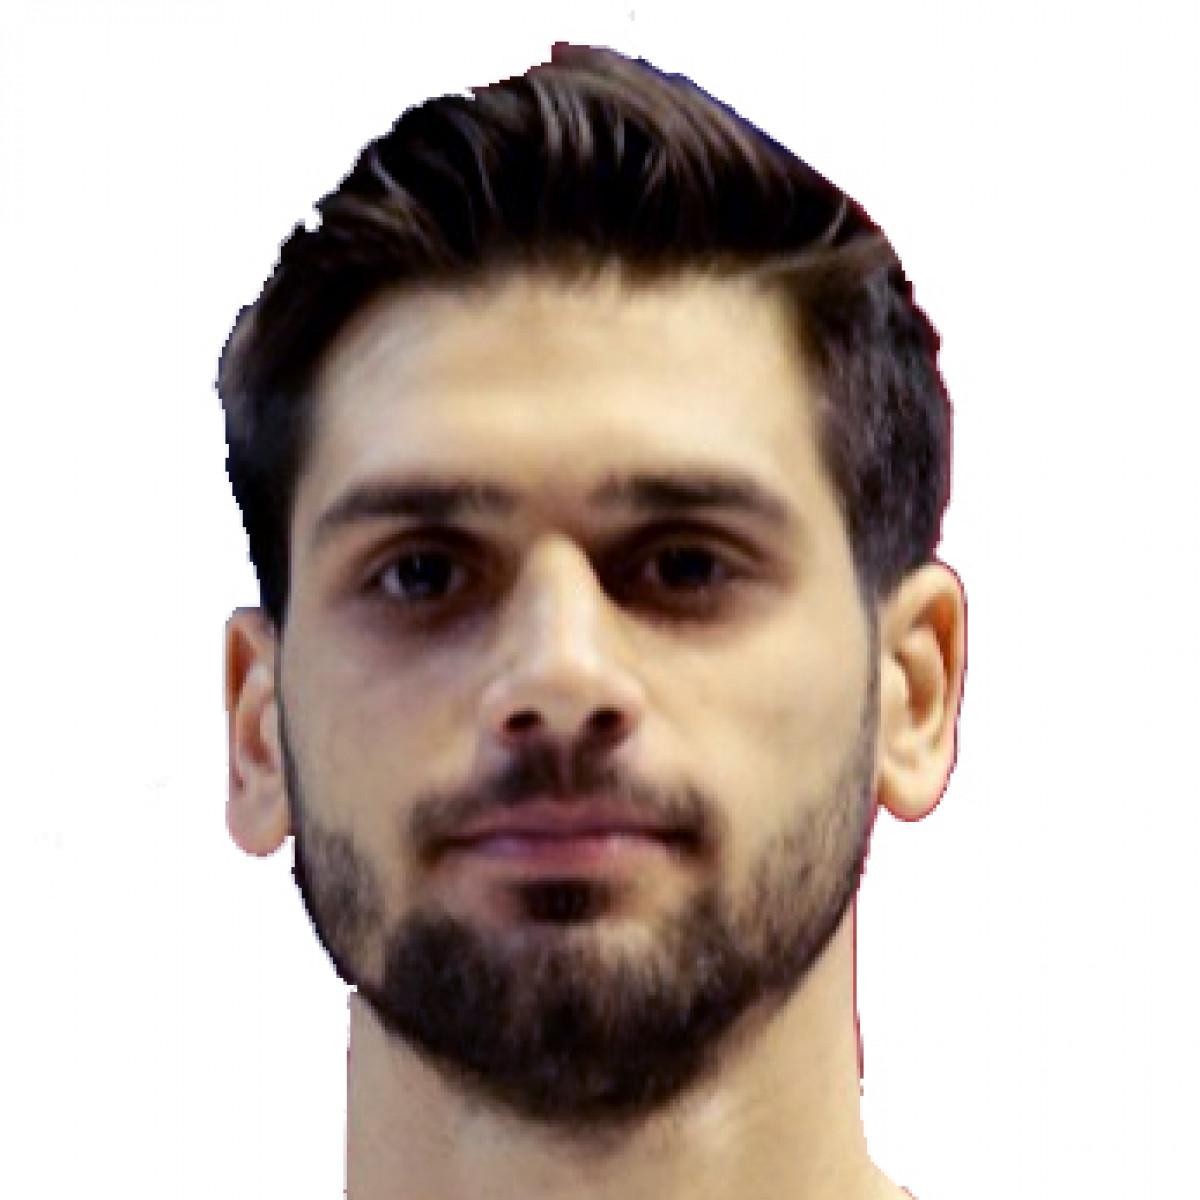 Giorgos Papadimitriou